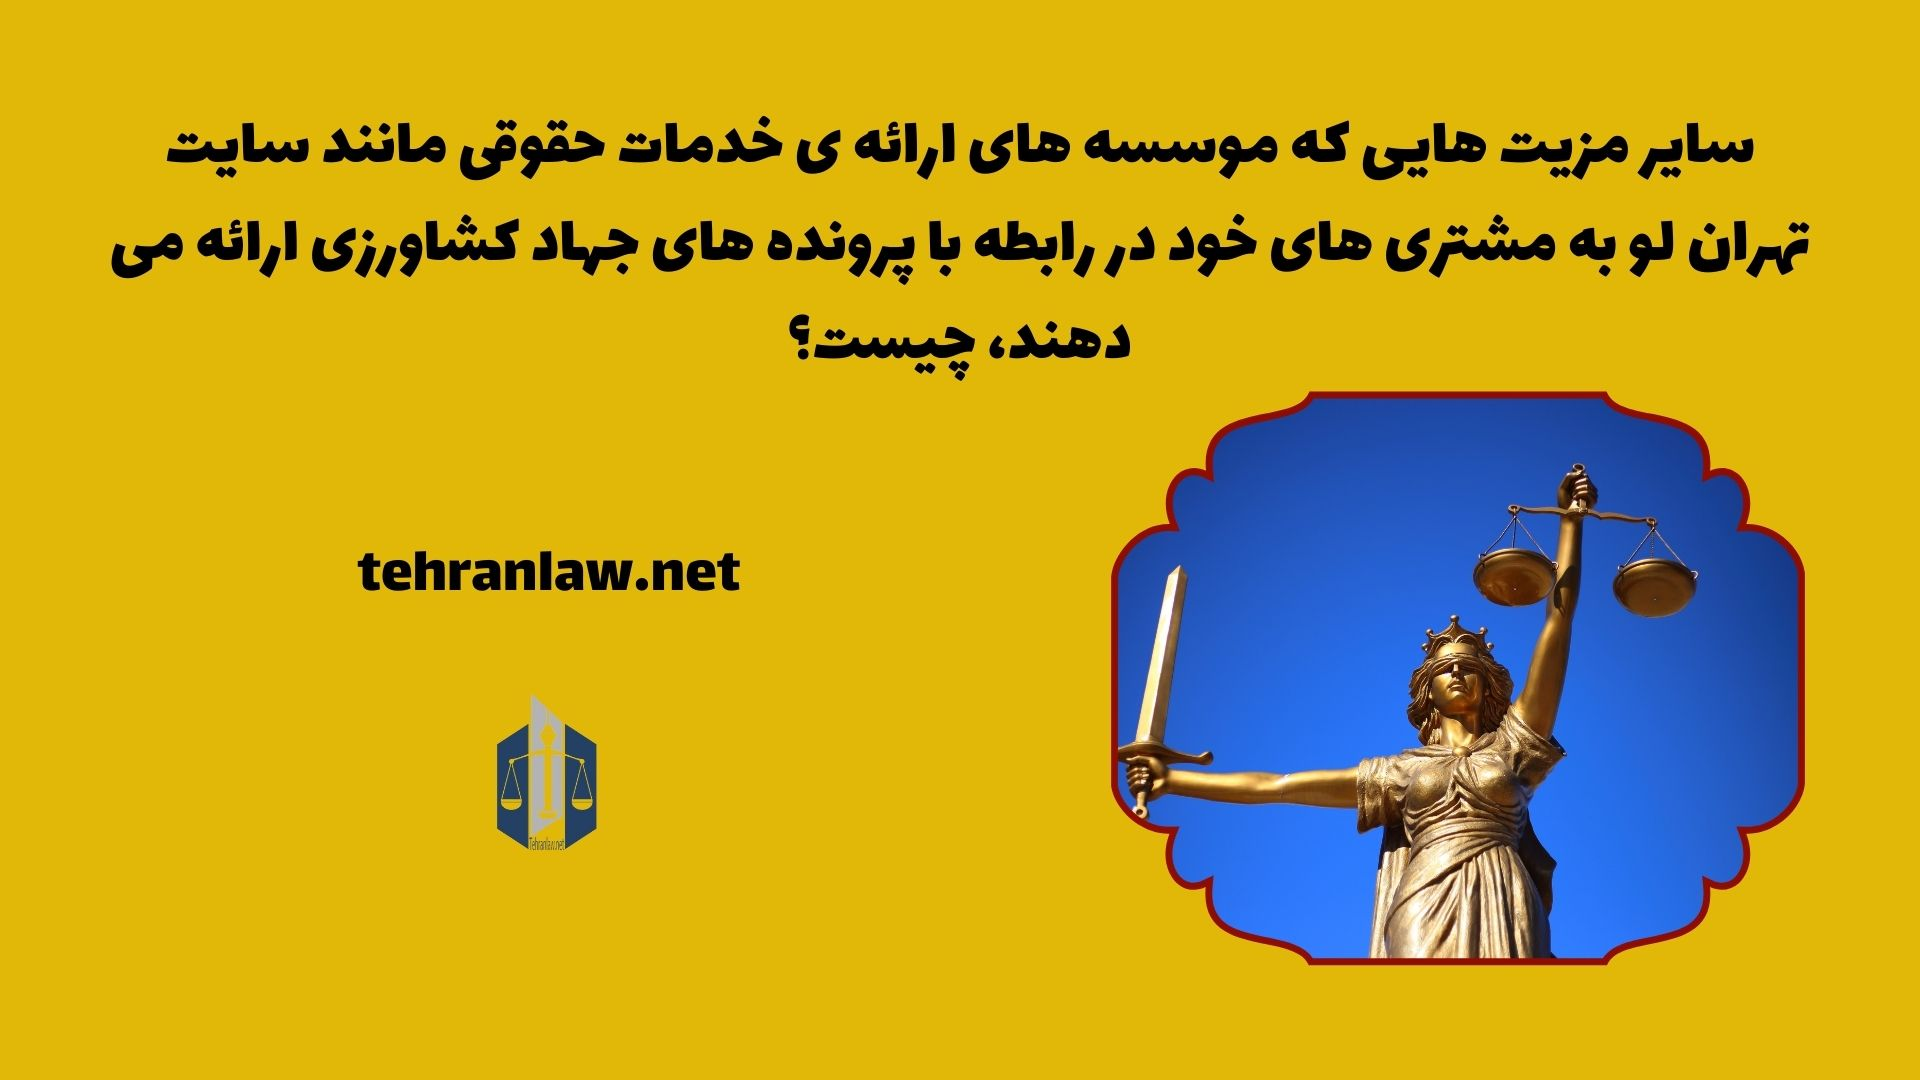 سایر مزیت هایی که موسسه های ارائه ی خدمات حقوقی مانند سایت تهران لو به مشتری های خود در رابطه با پرونده های جهاد کشاورزی ارائه می دهند، چیست؟